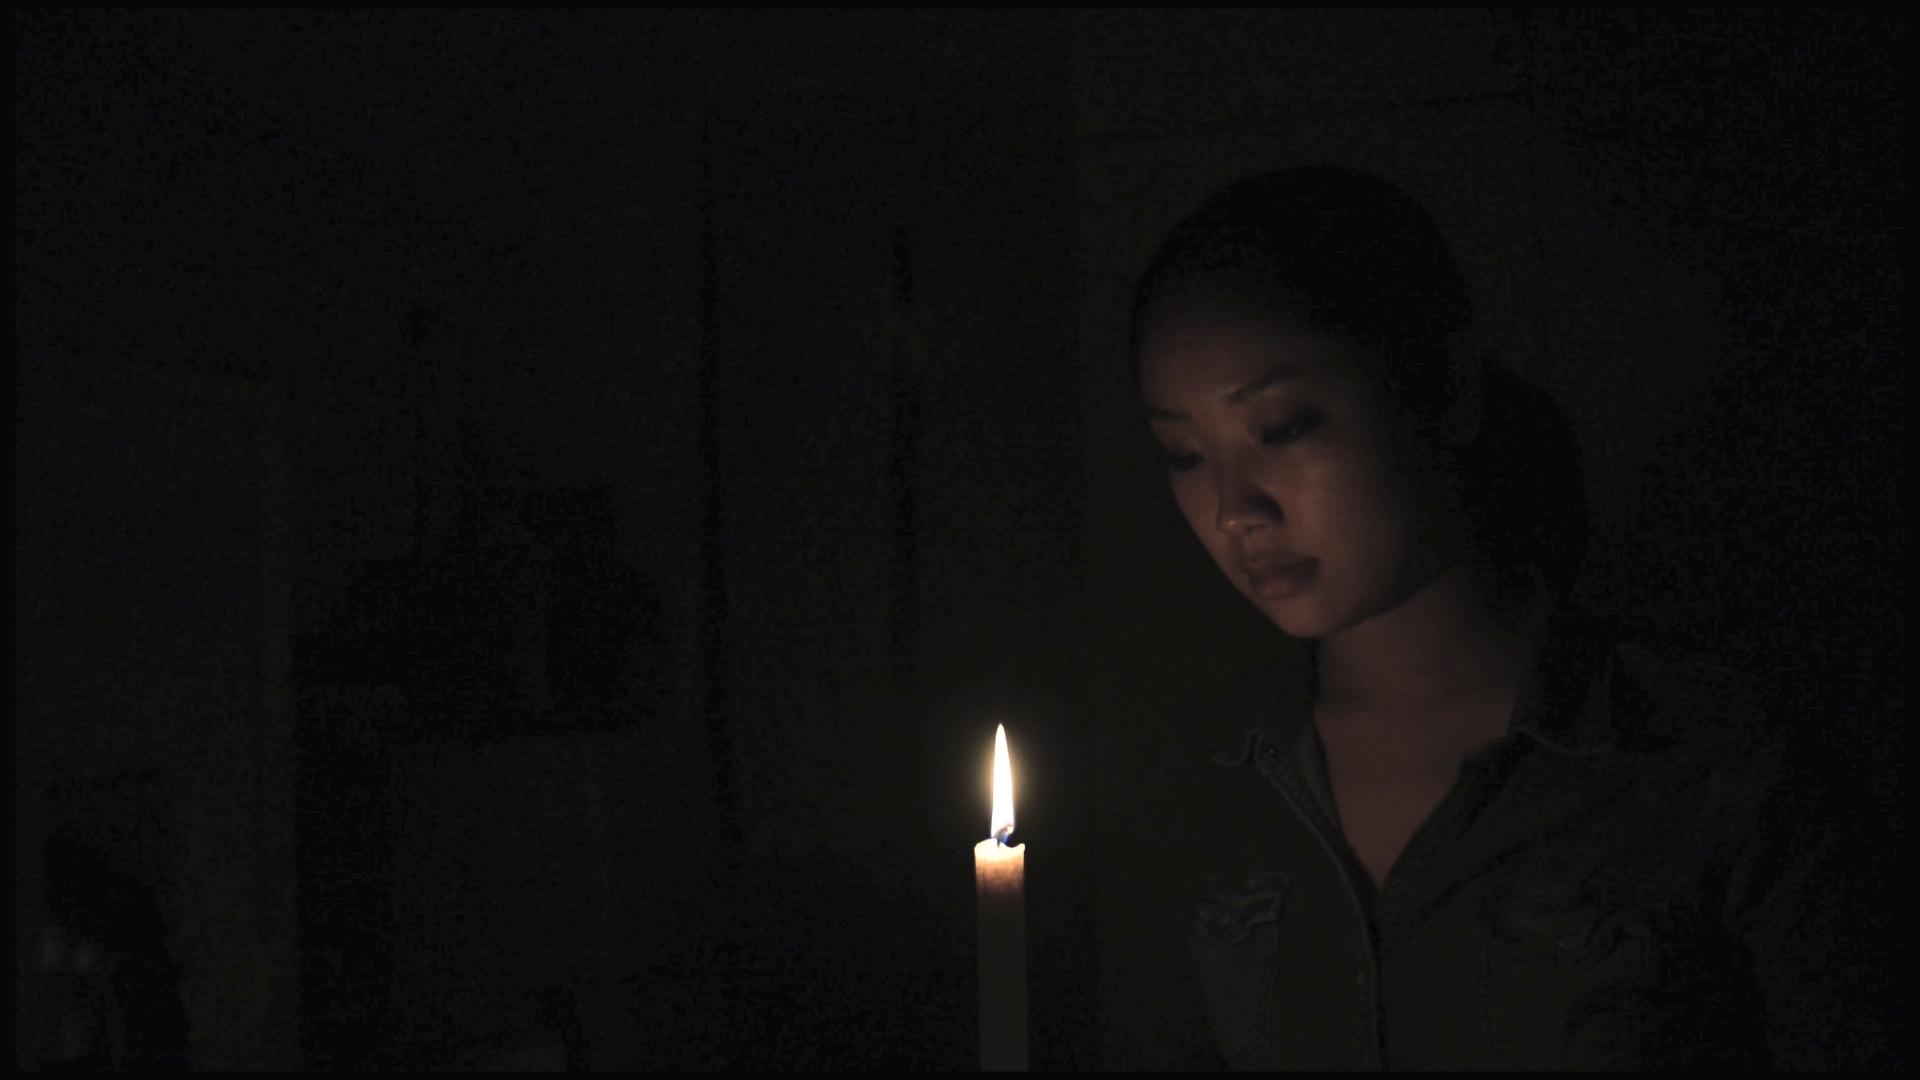 浜崎亮太『Enlighten』@川崎市市民ミュージアム